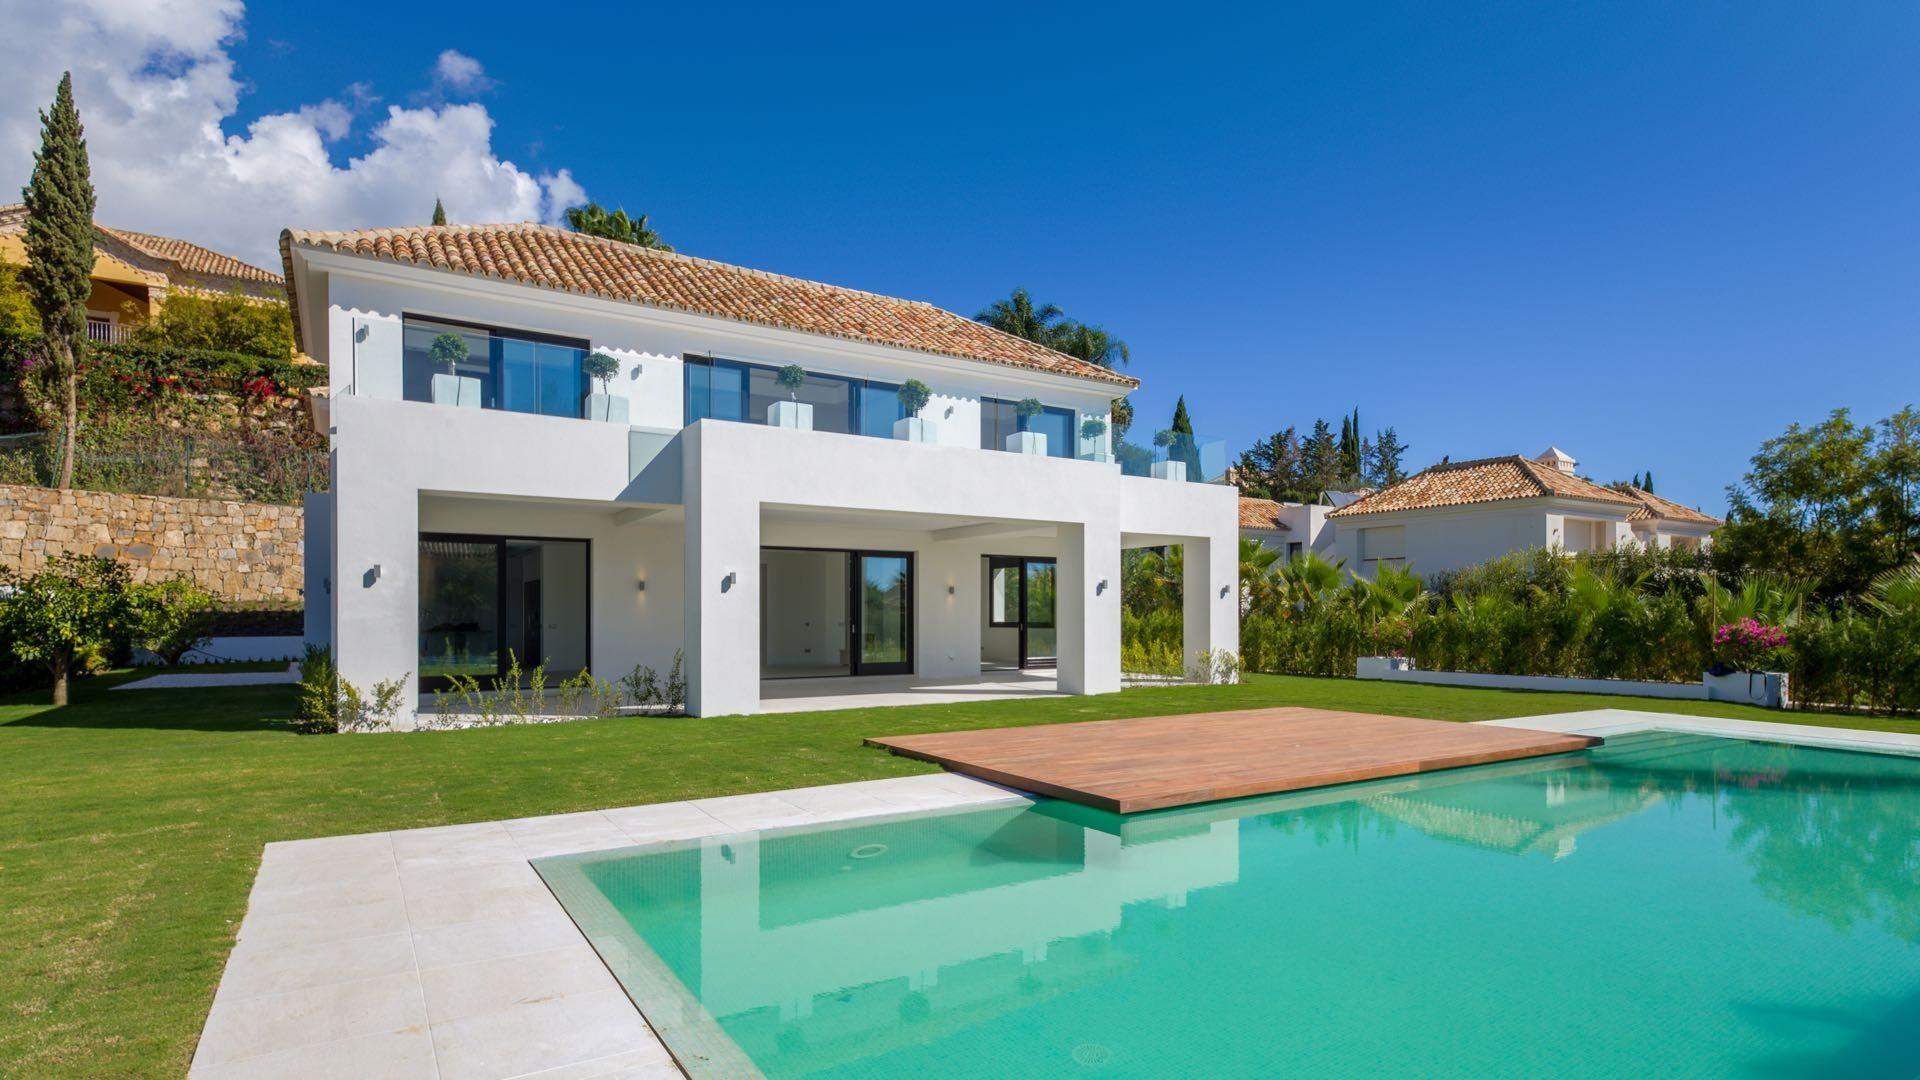 Marbella, zweites Zuhause der Reichen und Berühmten